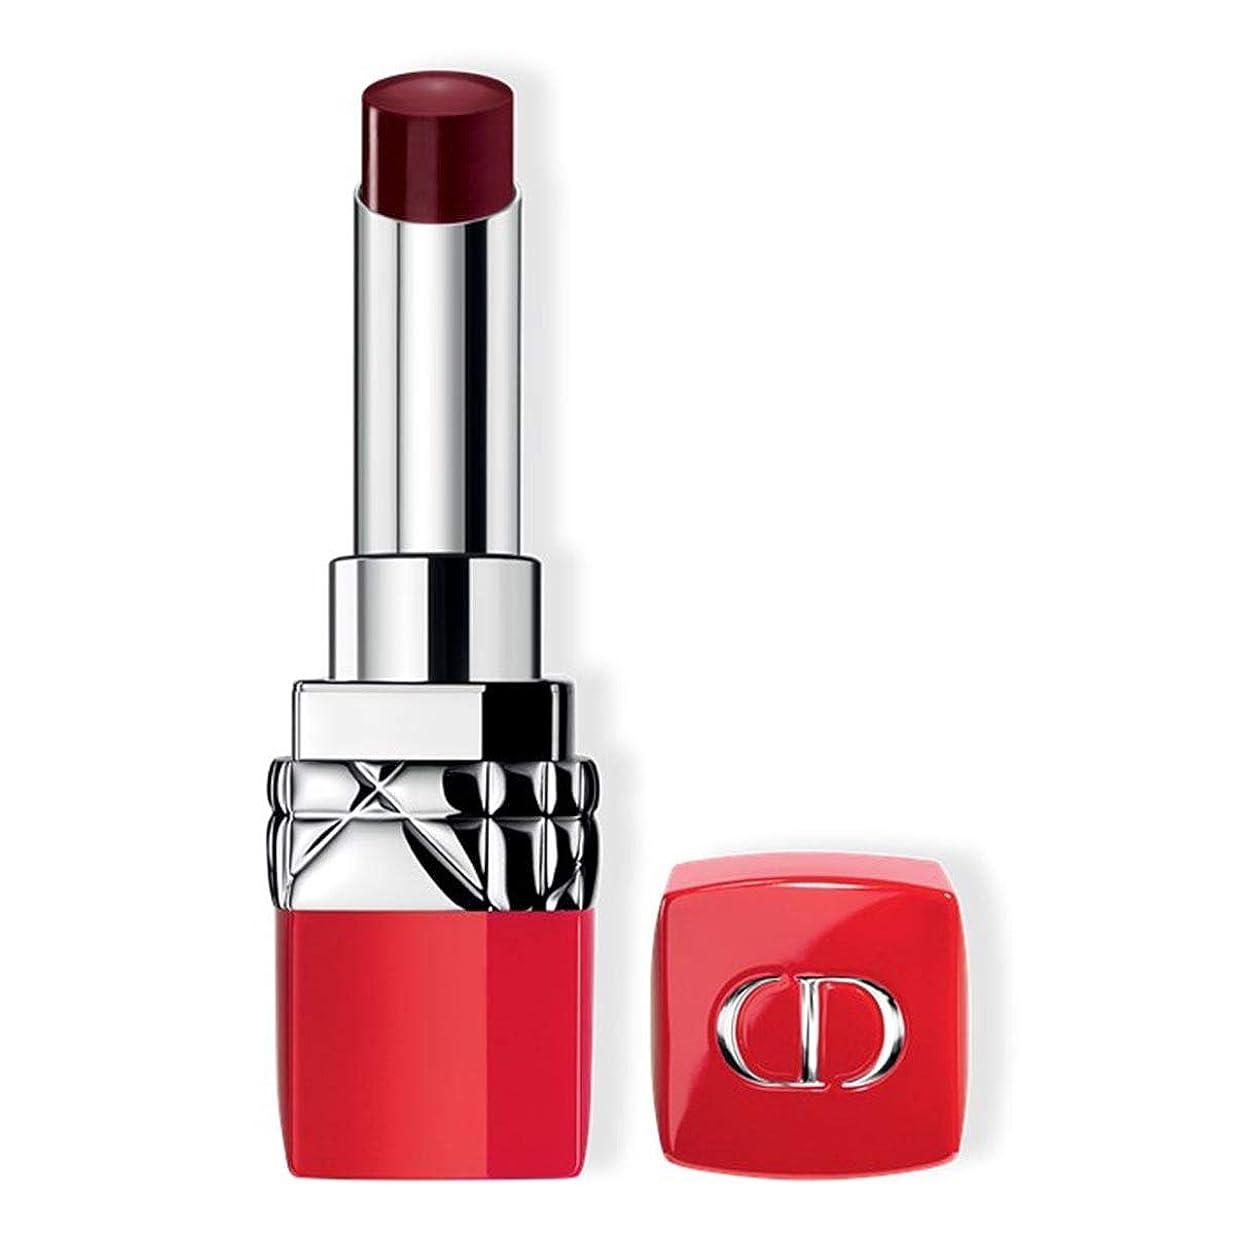 ミサイル幾何学まっすぐクリスチャンディオール Rouge Dior Ultra Rouge - # 883 Ultra Poison 3.2g/0.11oz並行輸入品